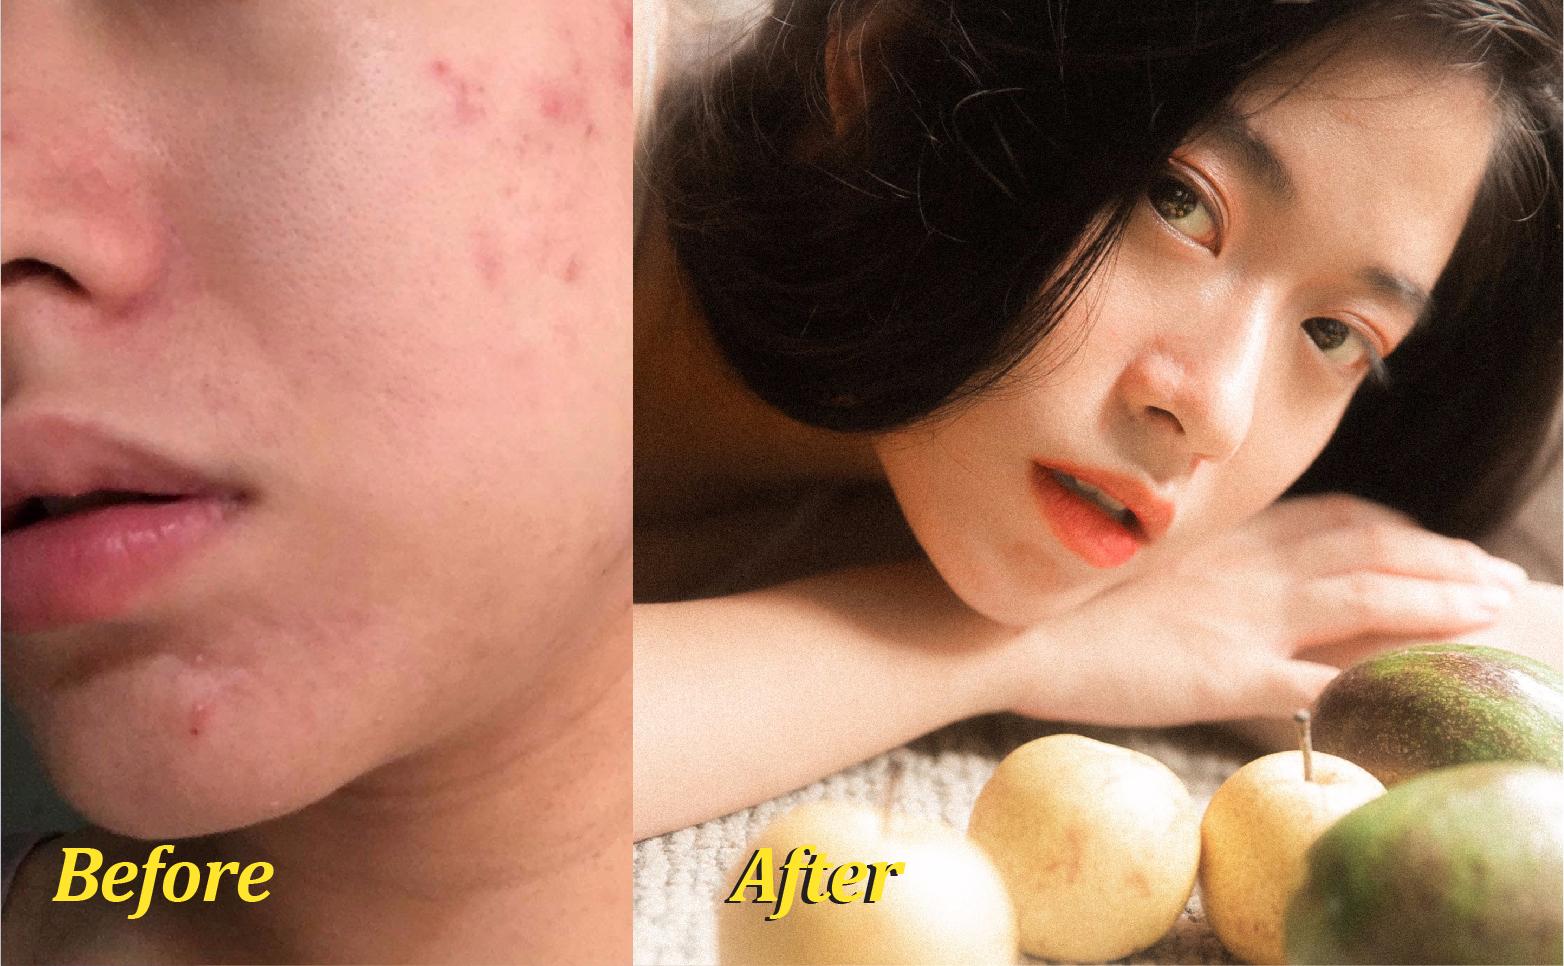 |Review| Mụn viêm được ngăn chặn, xẹp đi sau 7 ngày sử dụng Gel Mụn Sẹo Thâm ♡ Vietlife Skincare Nano ♡ 1